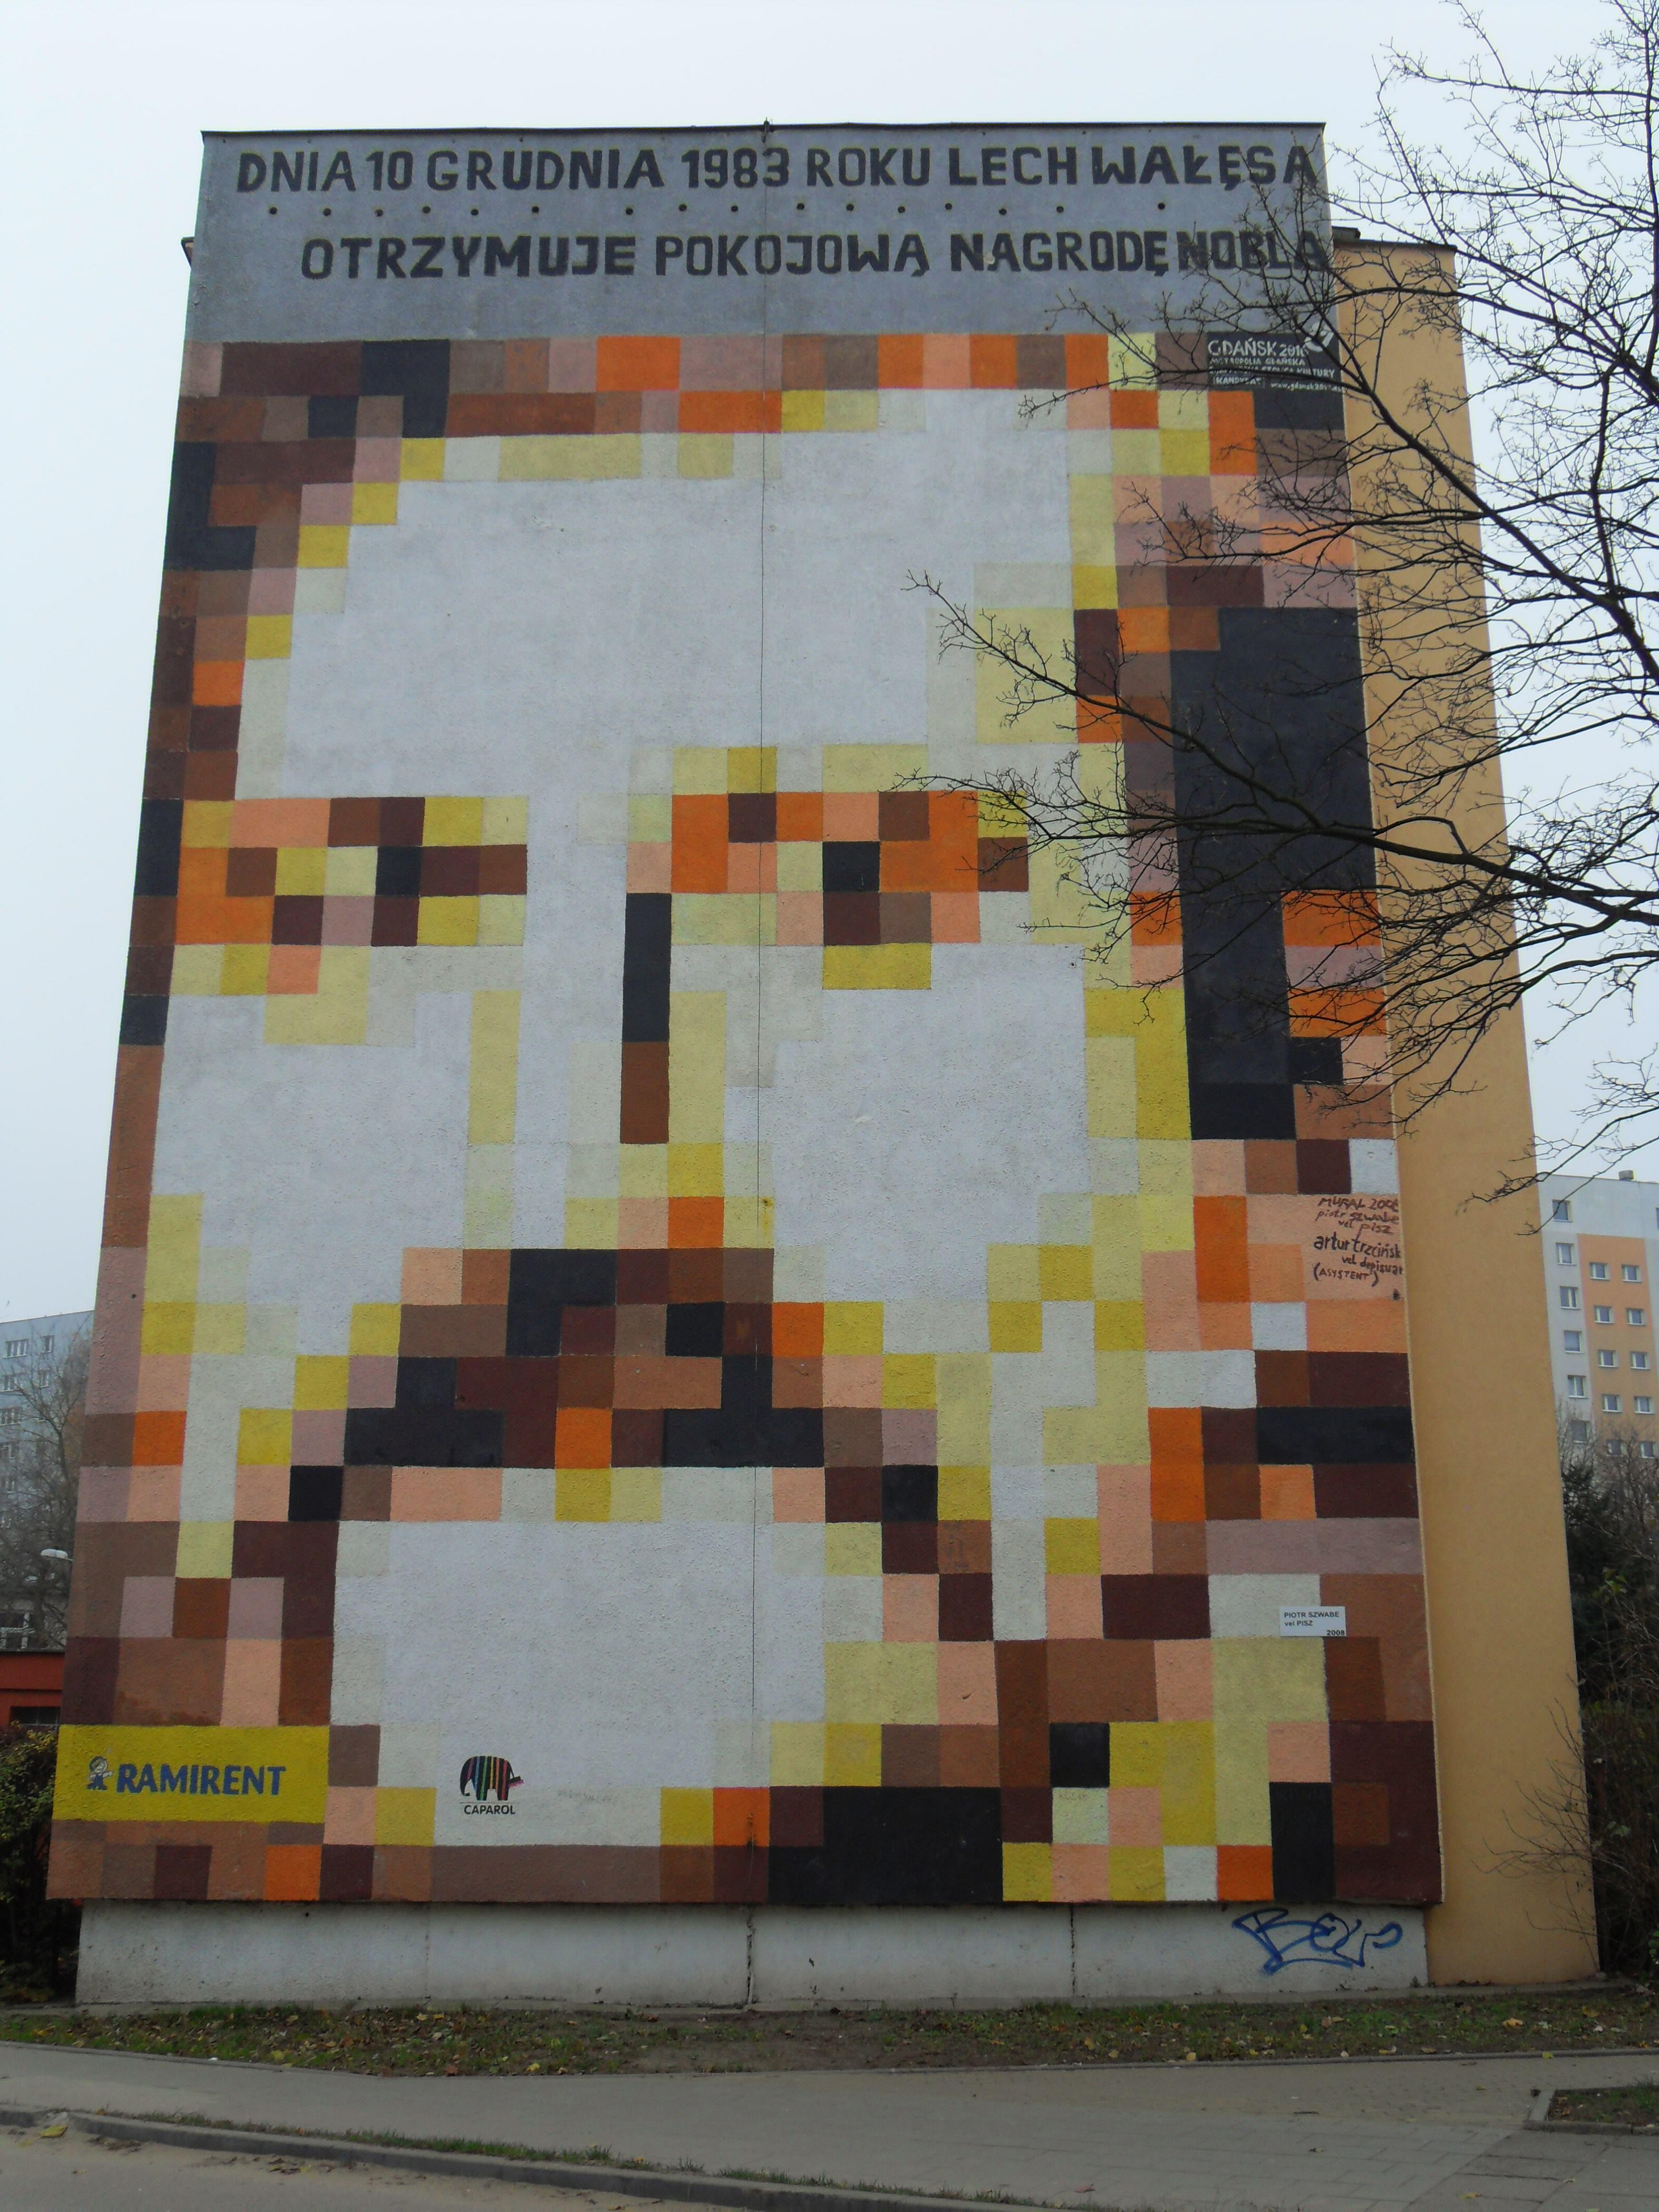 Mural na bloku przy ul. Pilotów 17, w którym mieszkał Lech Wałęsa / fot. Artur Andrzej (Wikimedia Commons) / lic. CC-BY-3.0